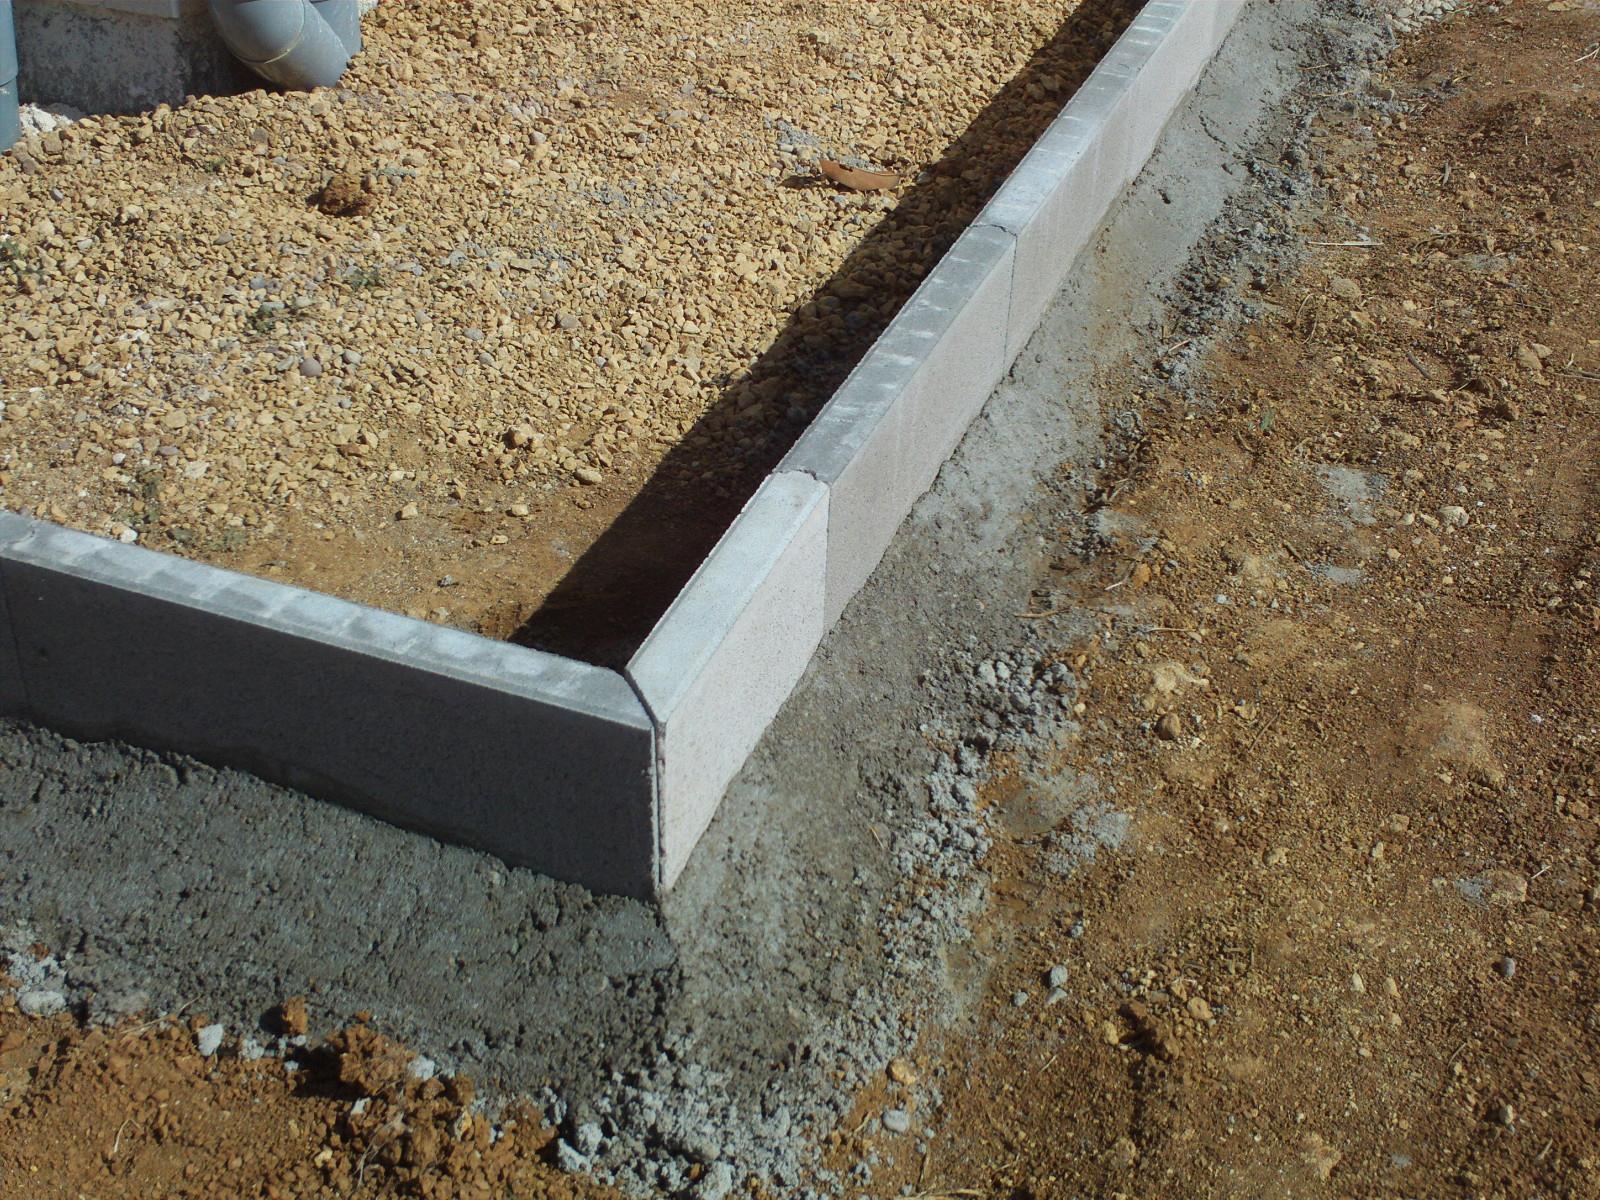 Comment Couper Des Angles Bordure En Beton - 12 Messages tout Bordure De Jardin Beton